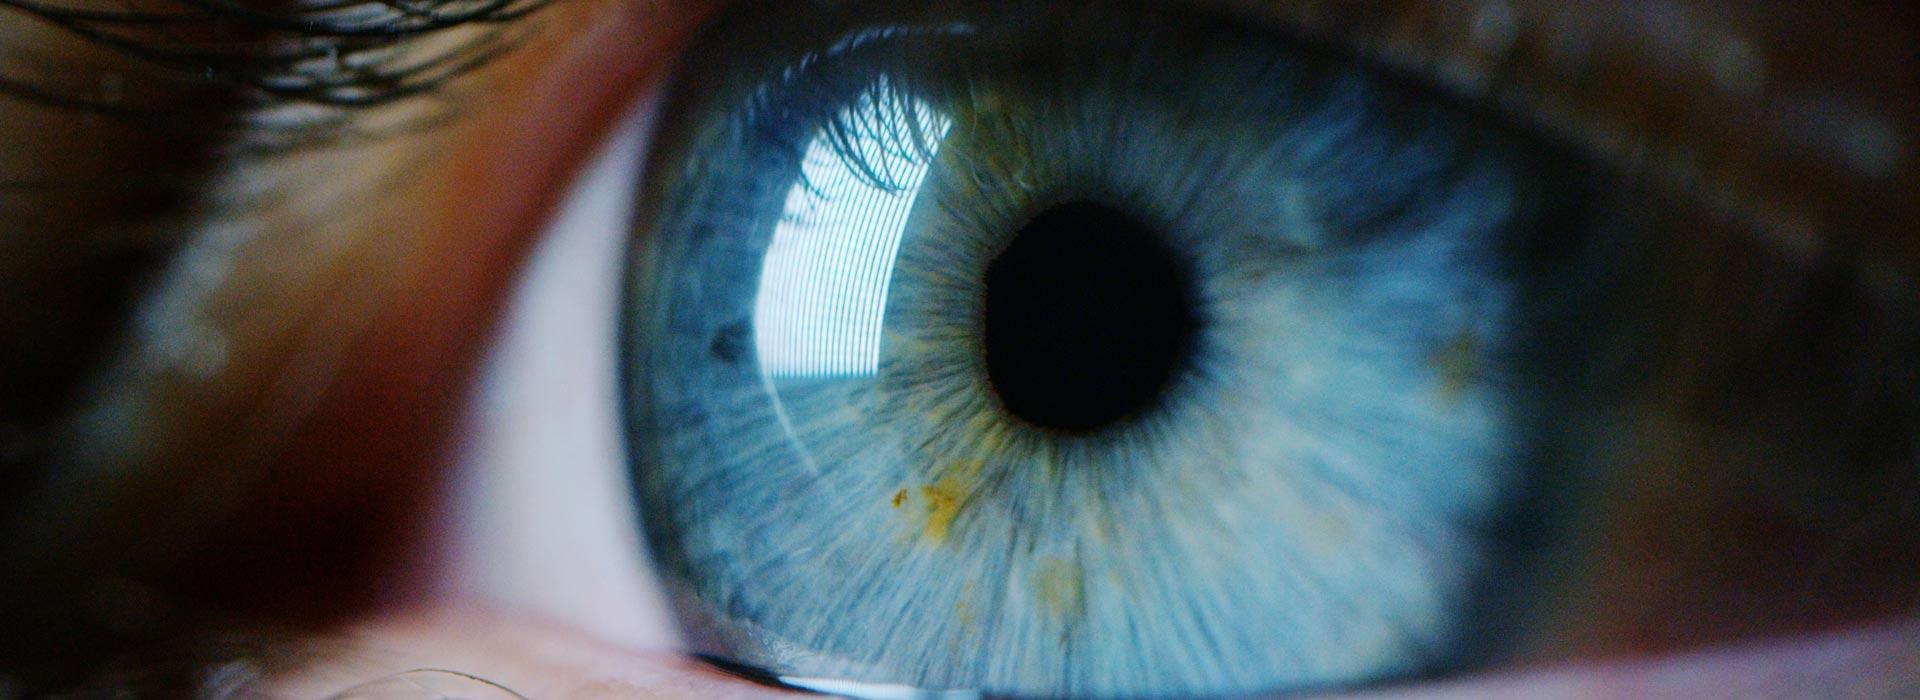 Tęczówka oka - zbliżenie